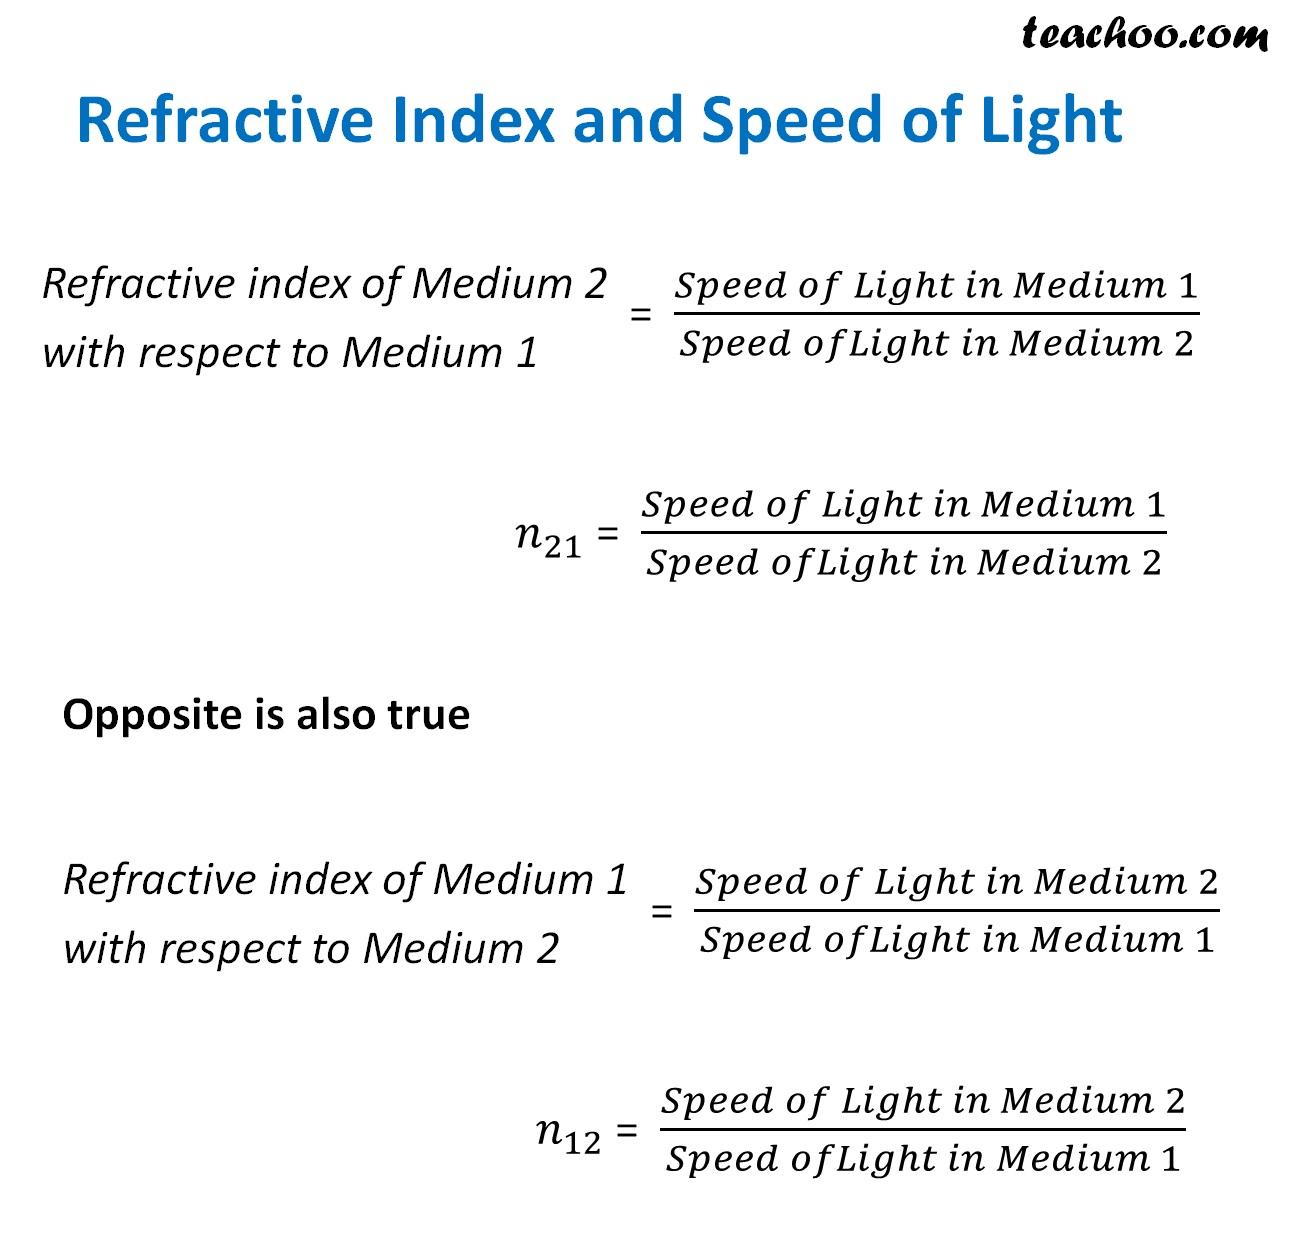 Refractive Index and Speed of Light - Teachoo.jpg